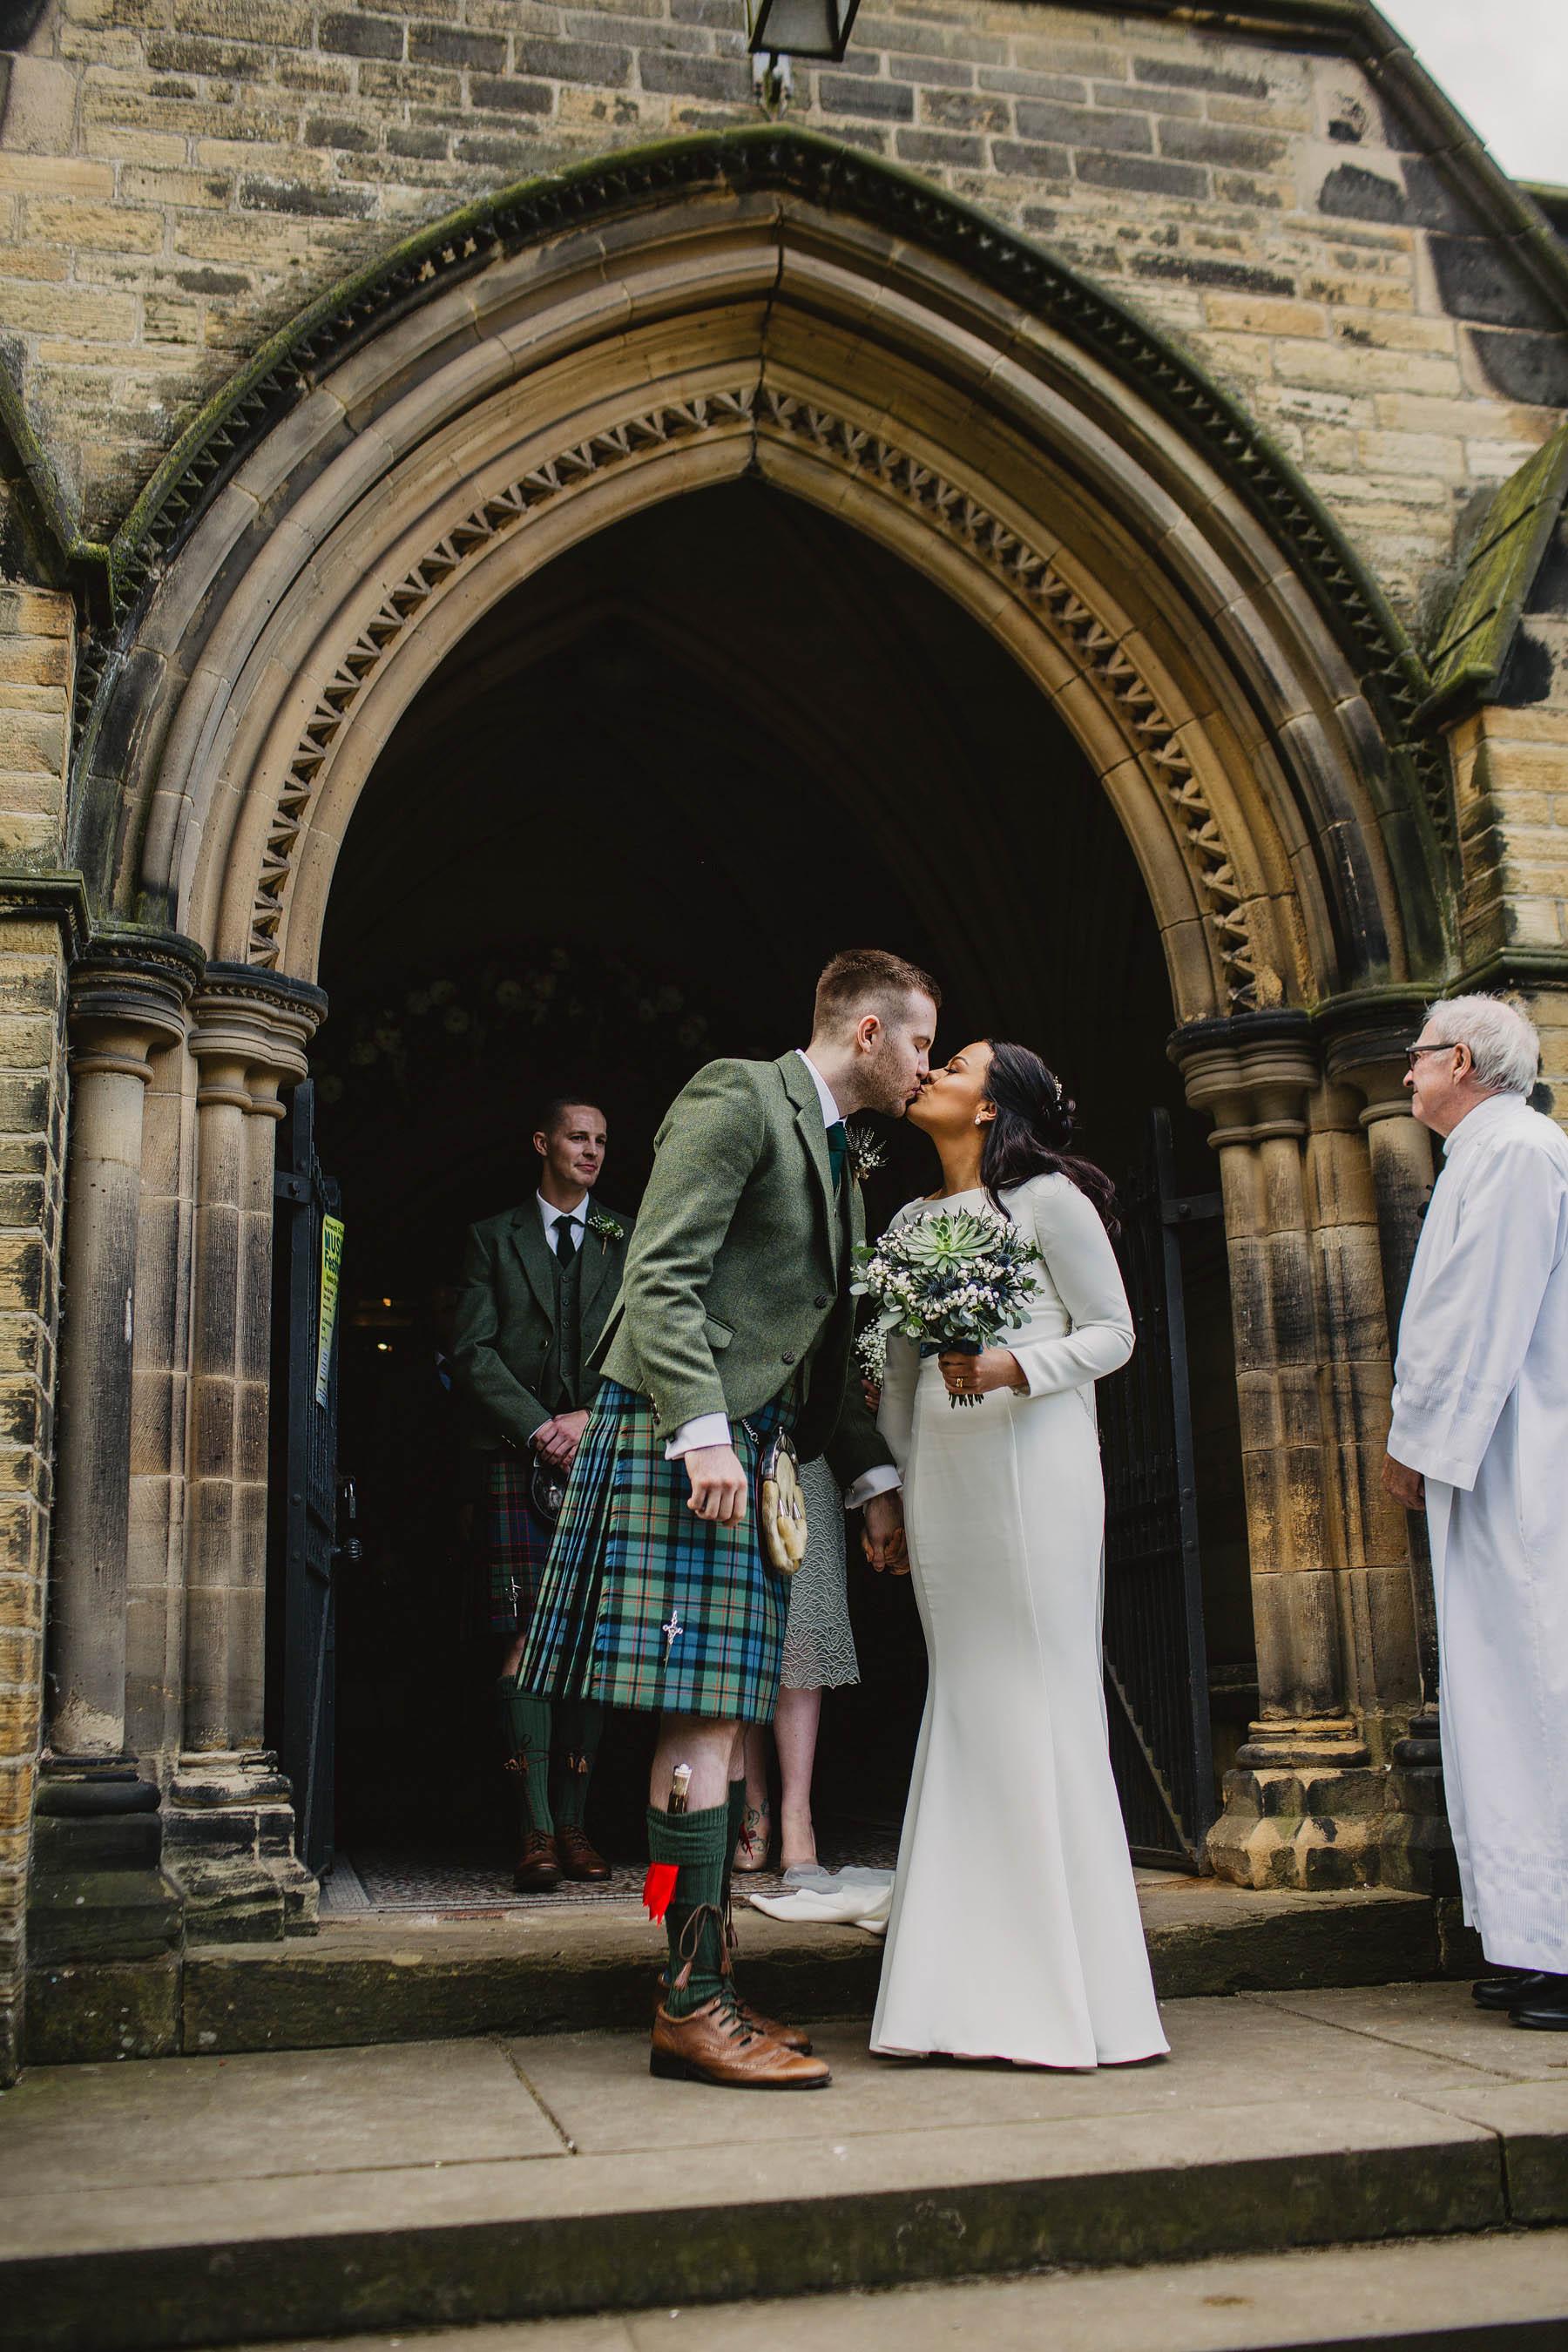 weddings at wentworth church